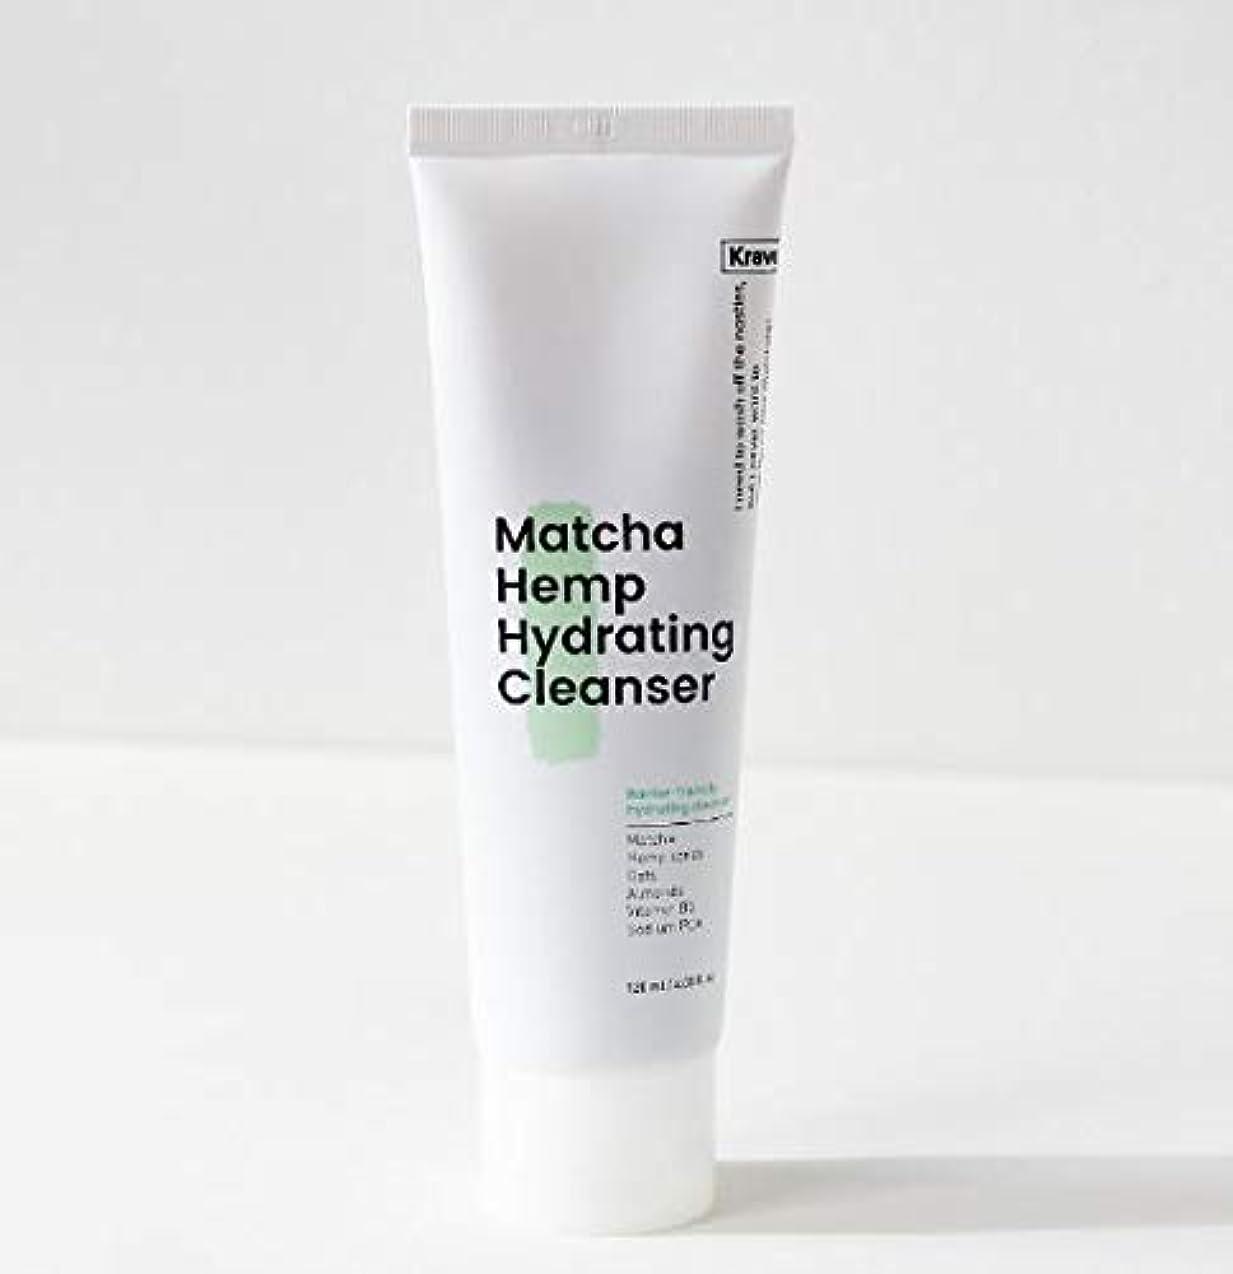 サラミシェアランドマーク[Krave] Matcha Hemp Hydrating Cleanser 120ml / 抹茶ハイドレイティングクレンザー120ml [並行輸入品]